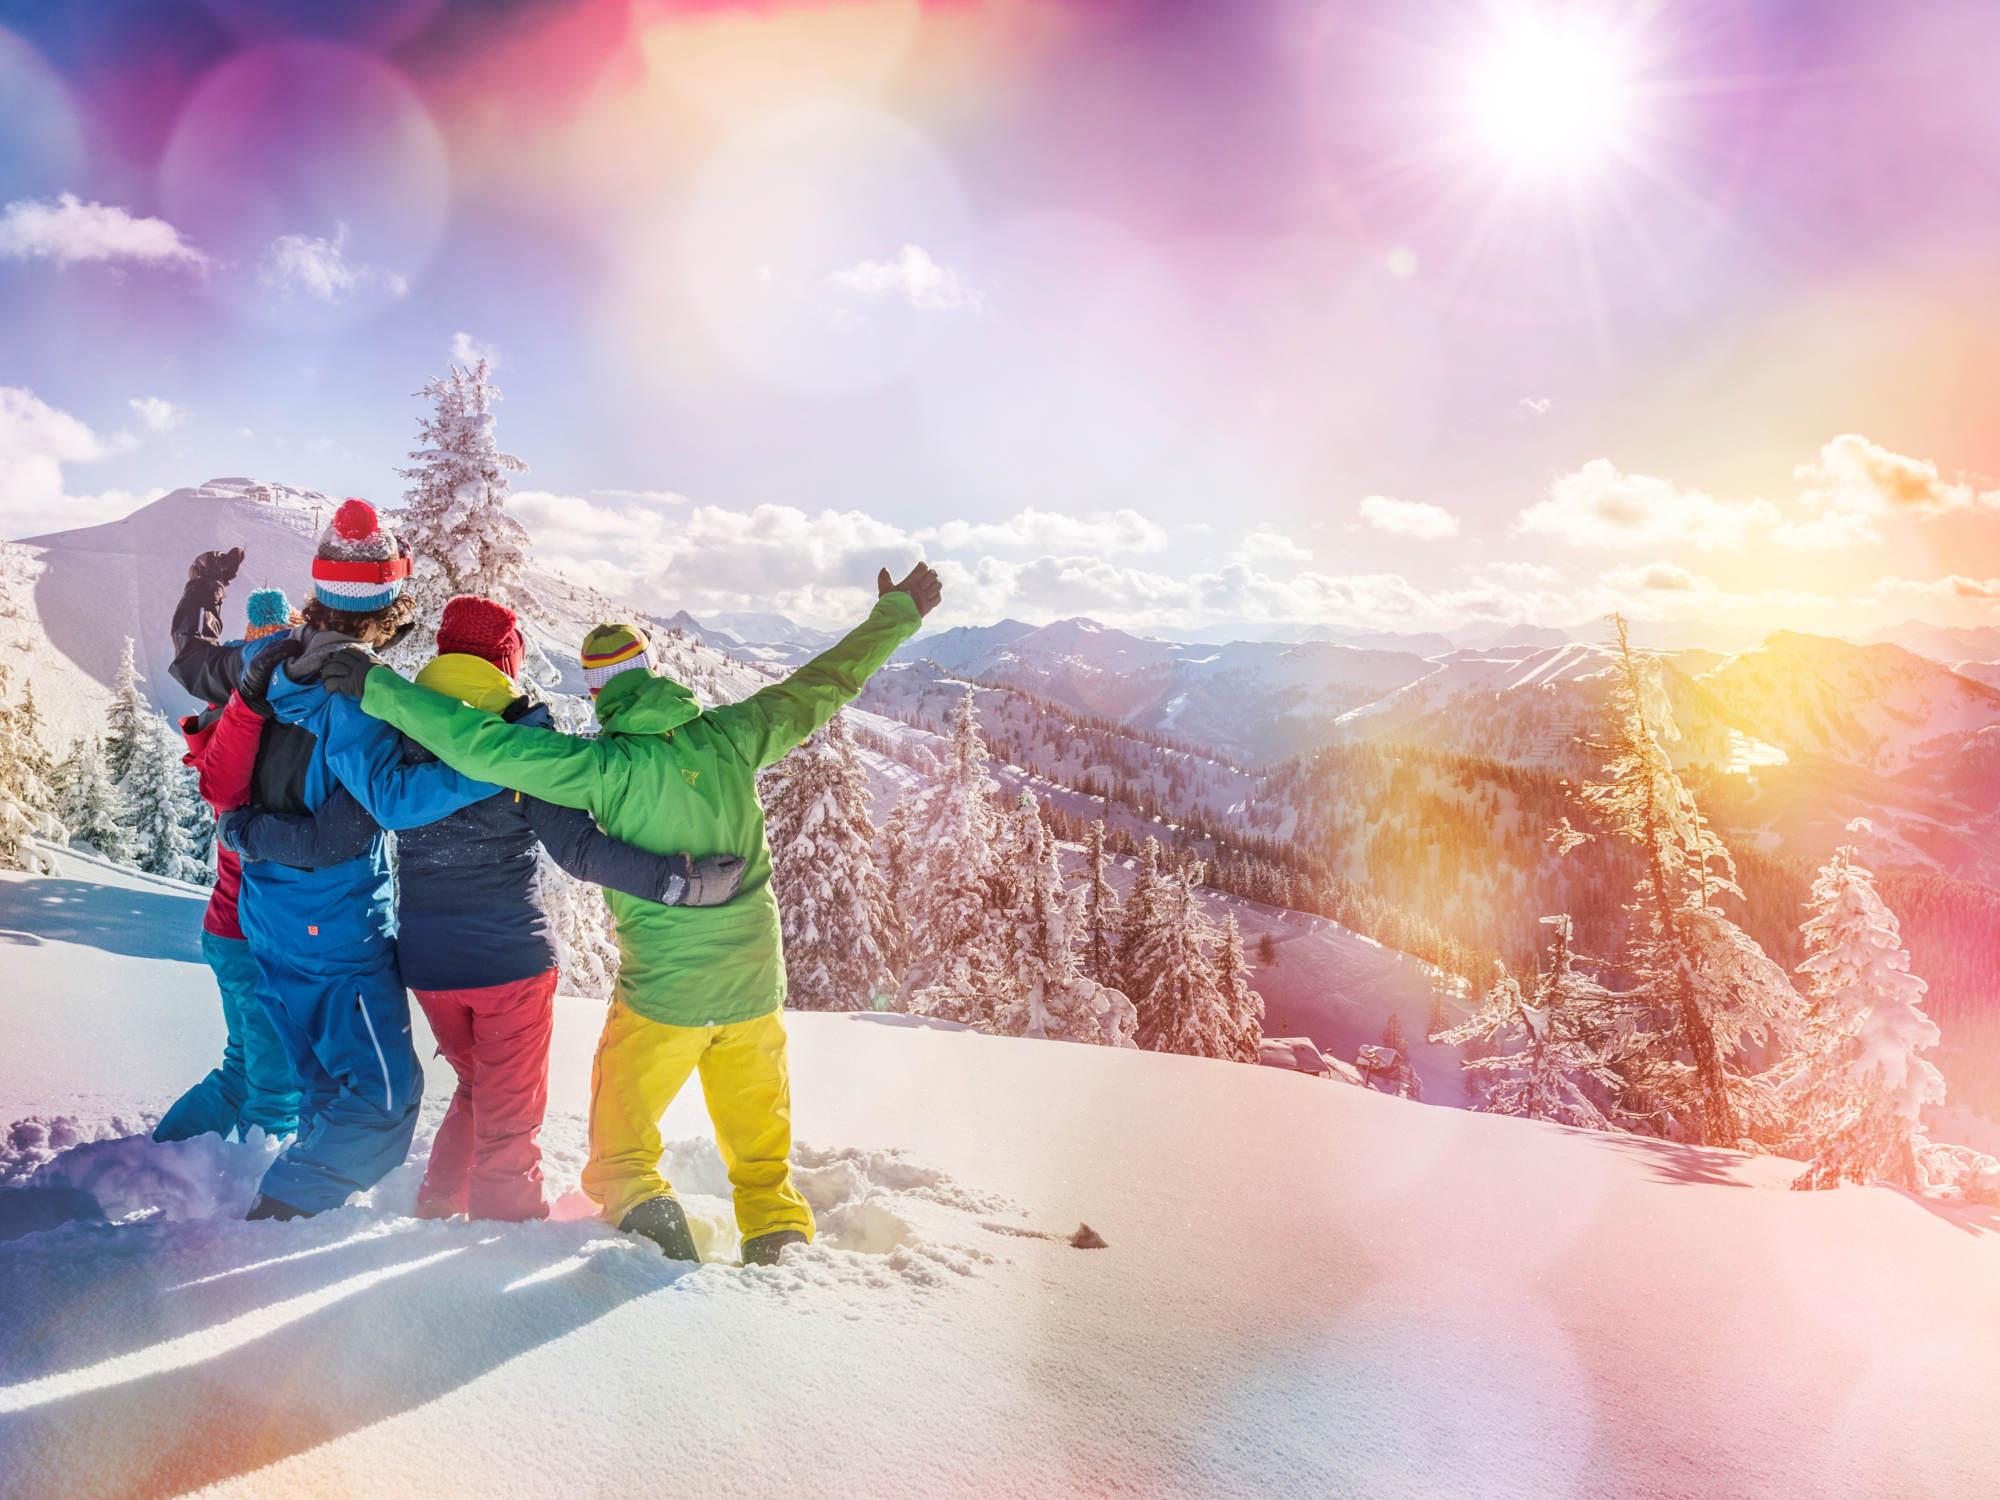 Abenteuerurlaub Angebote und Pauschalen Flachau - bergfex